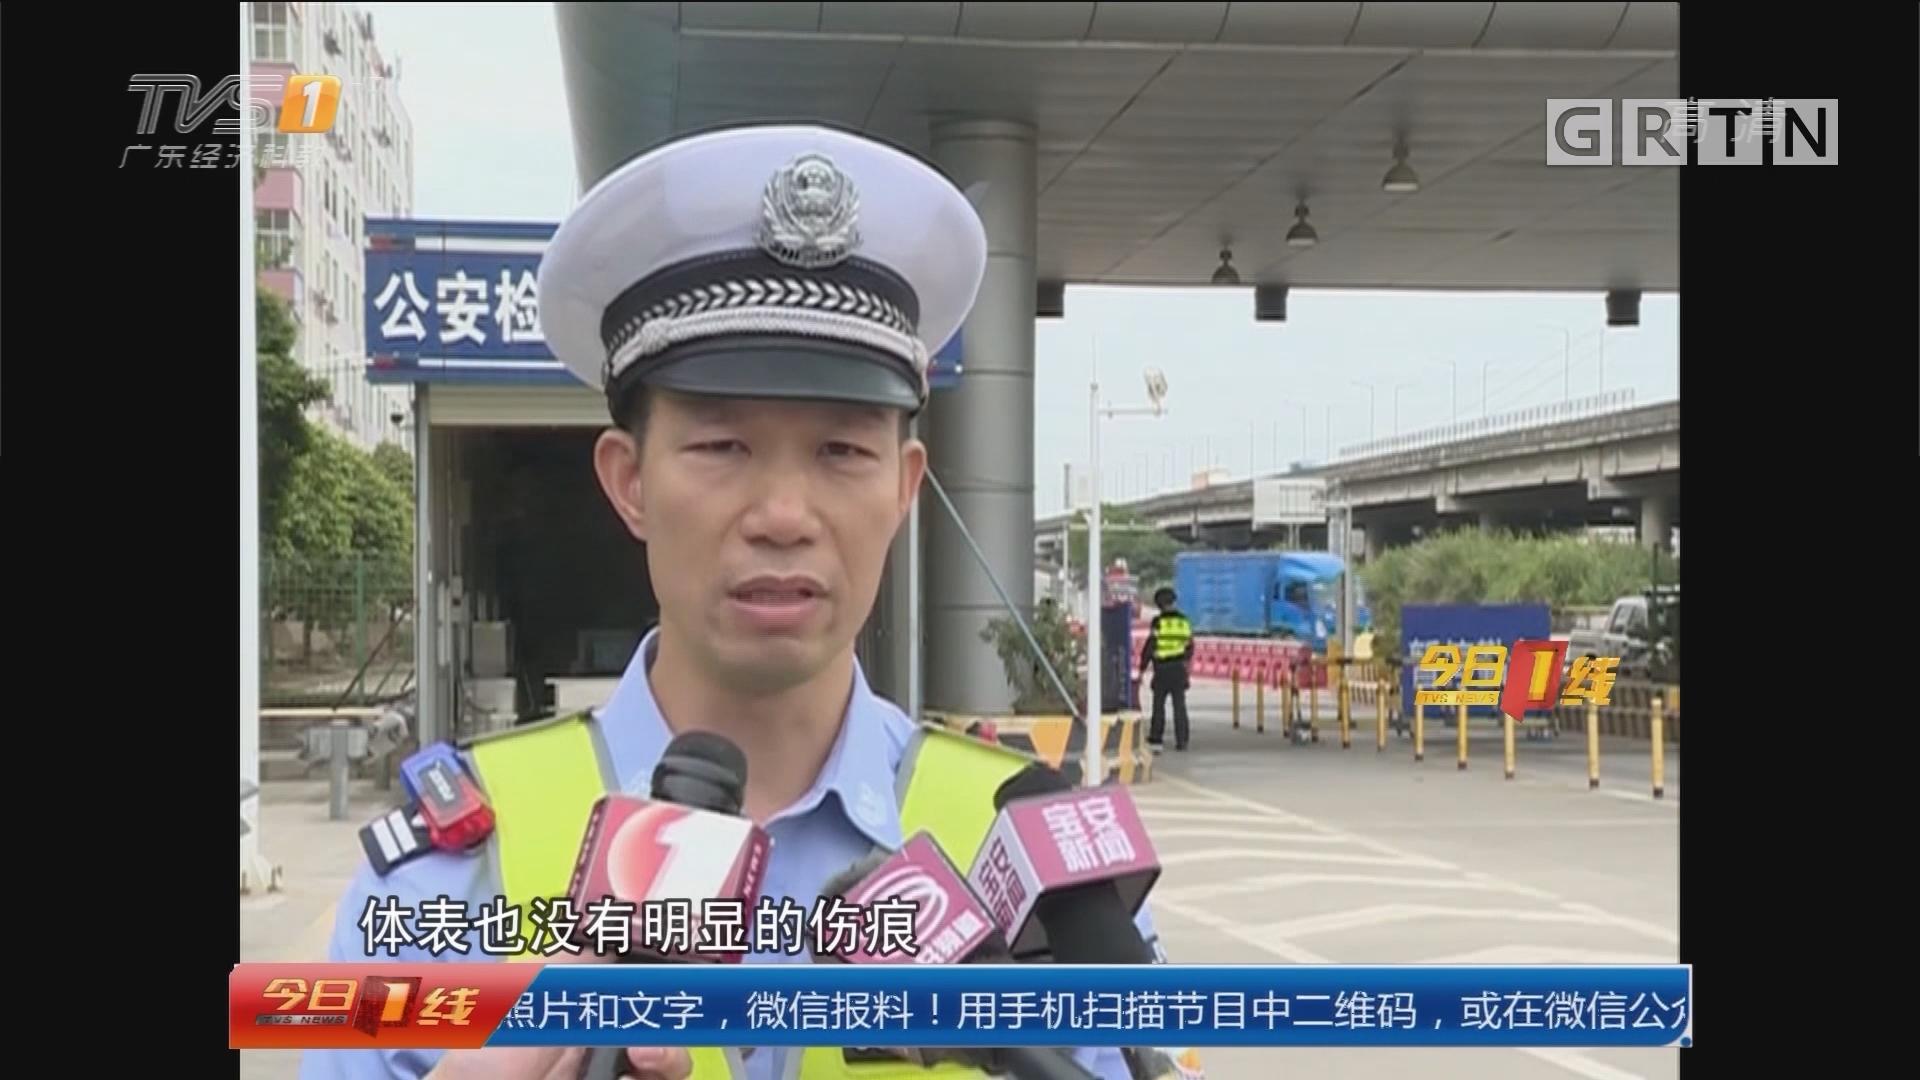 深圳:车祸内伤浑不知 幸亏碰上细心交警